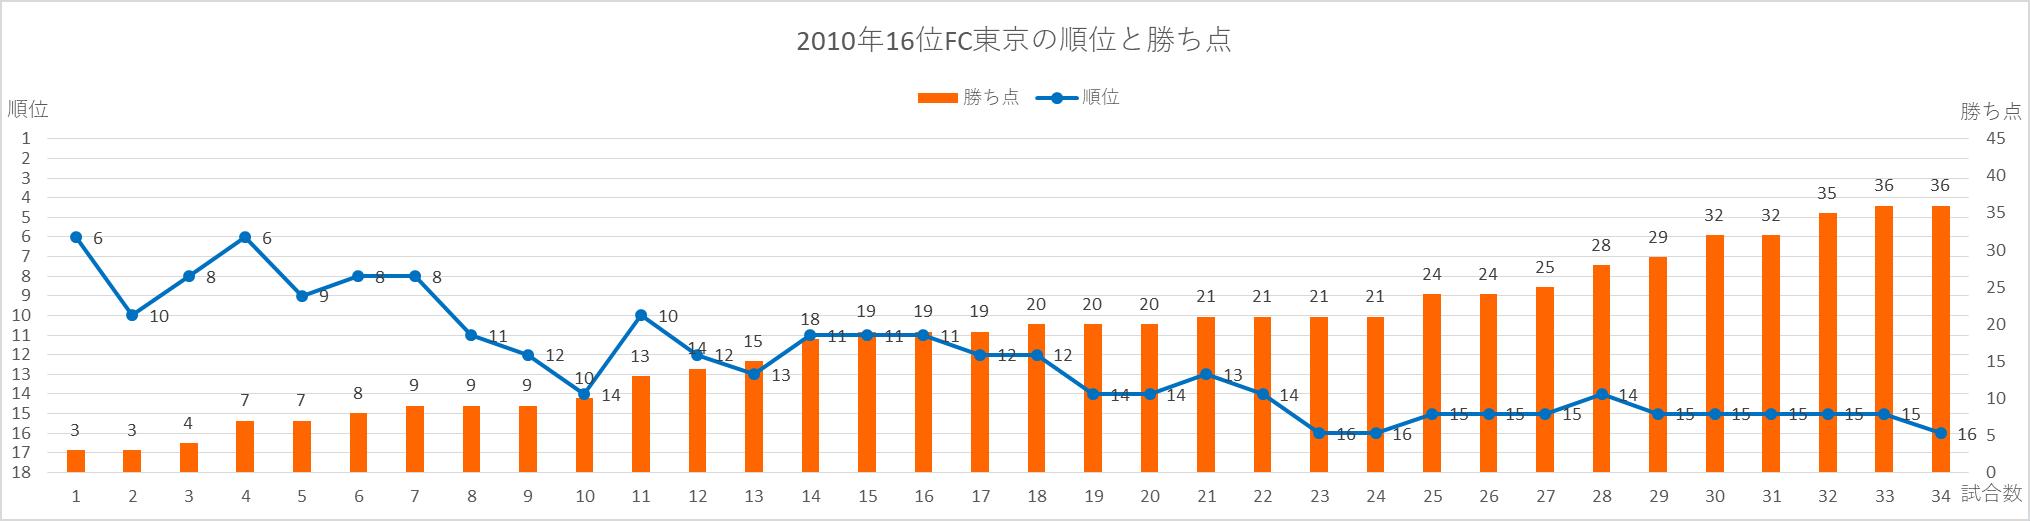 2010FC東京の順位と勝ち点の推移